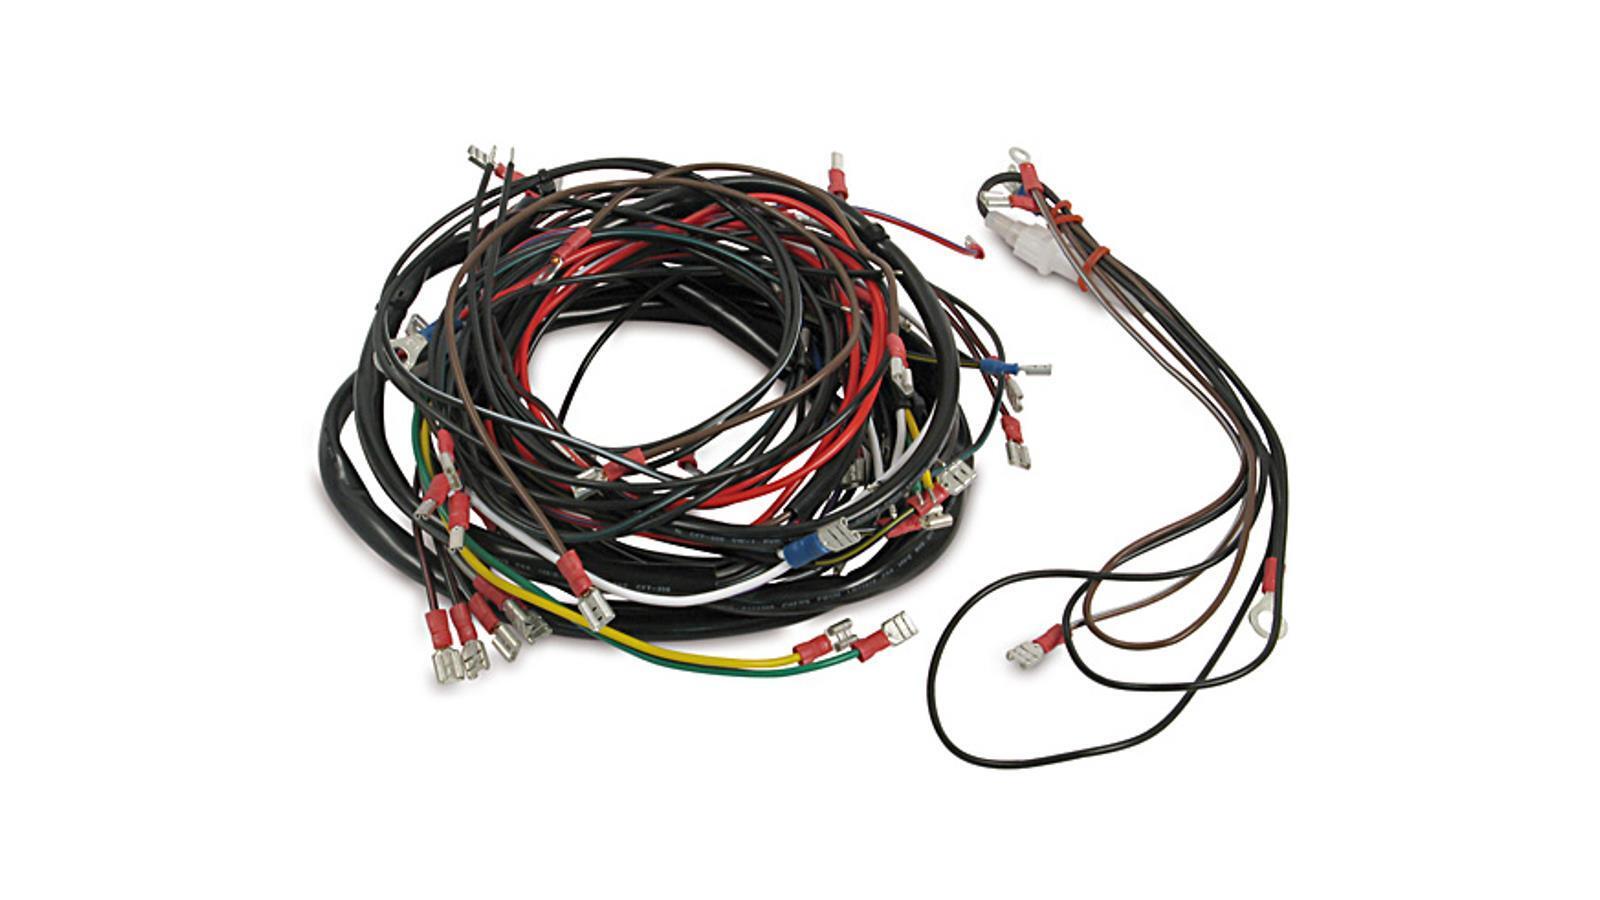 Basis Kabelbaum f. Simson SR50, SR80, 33,63 €